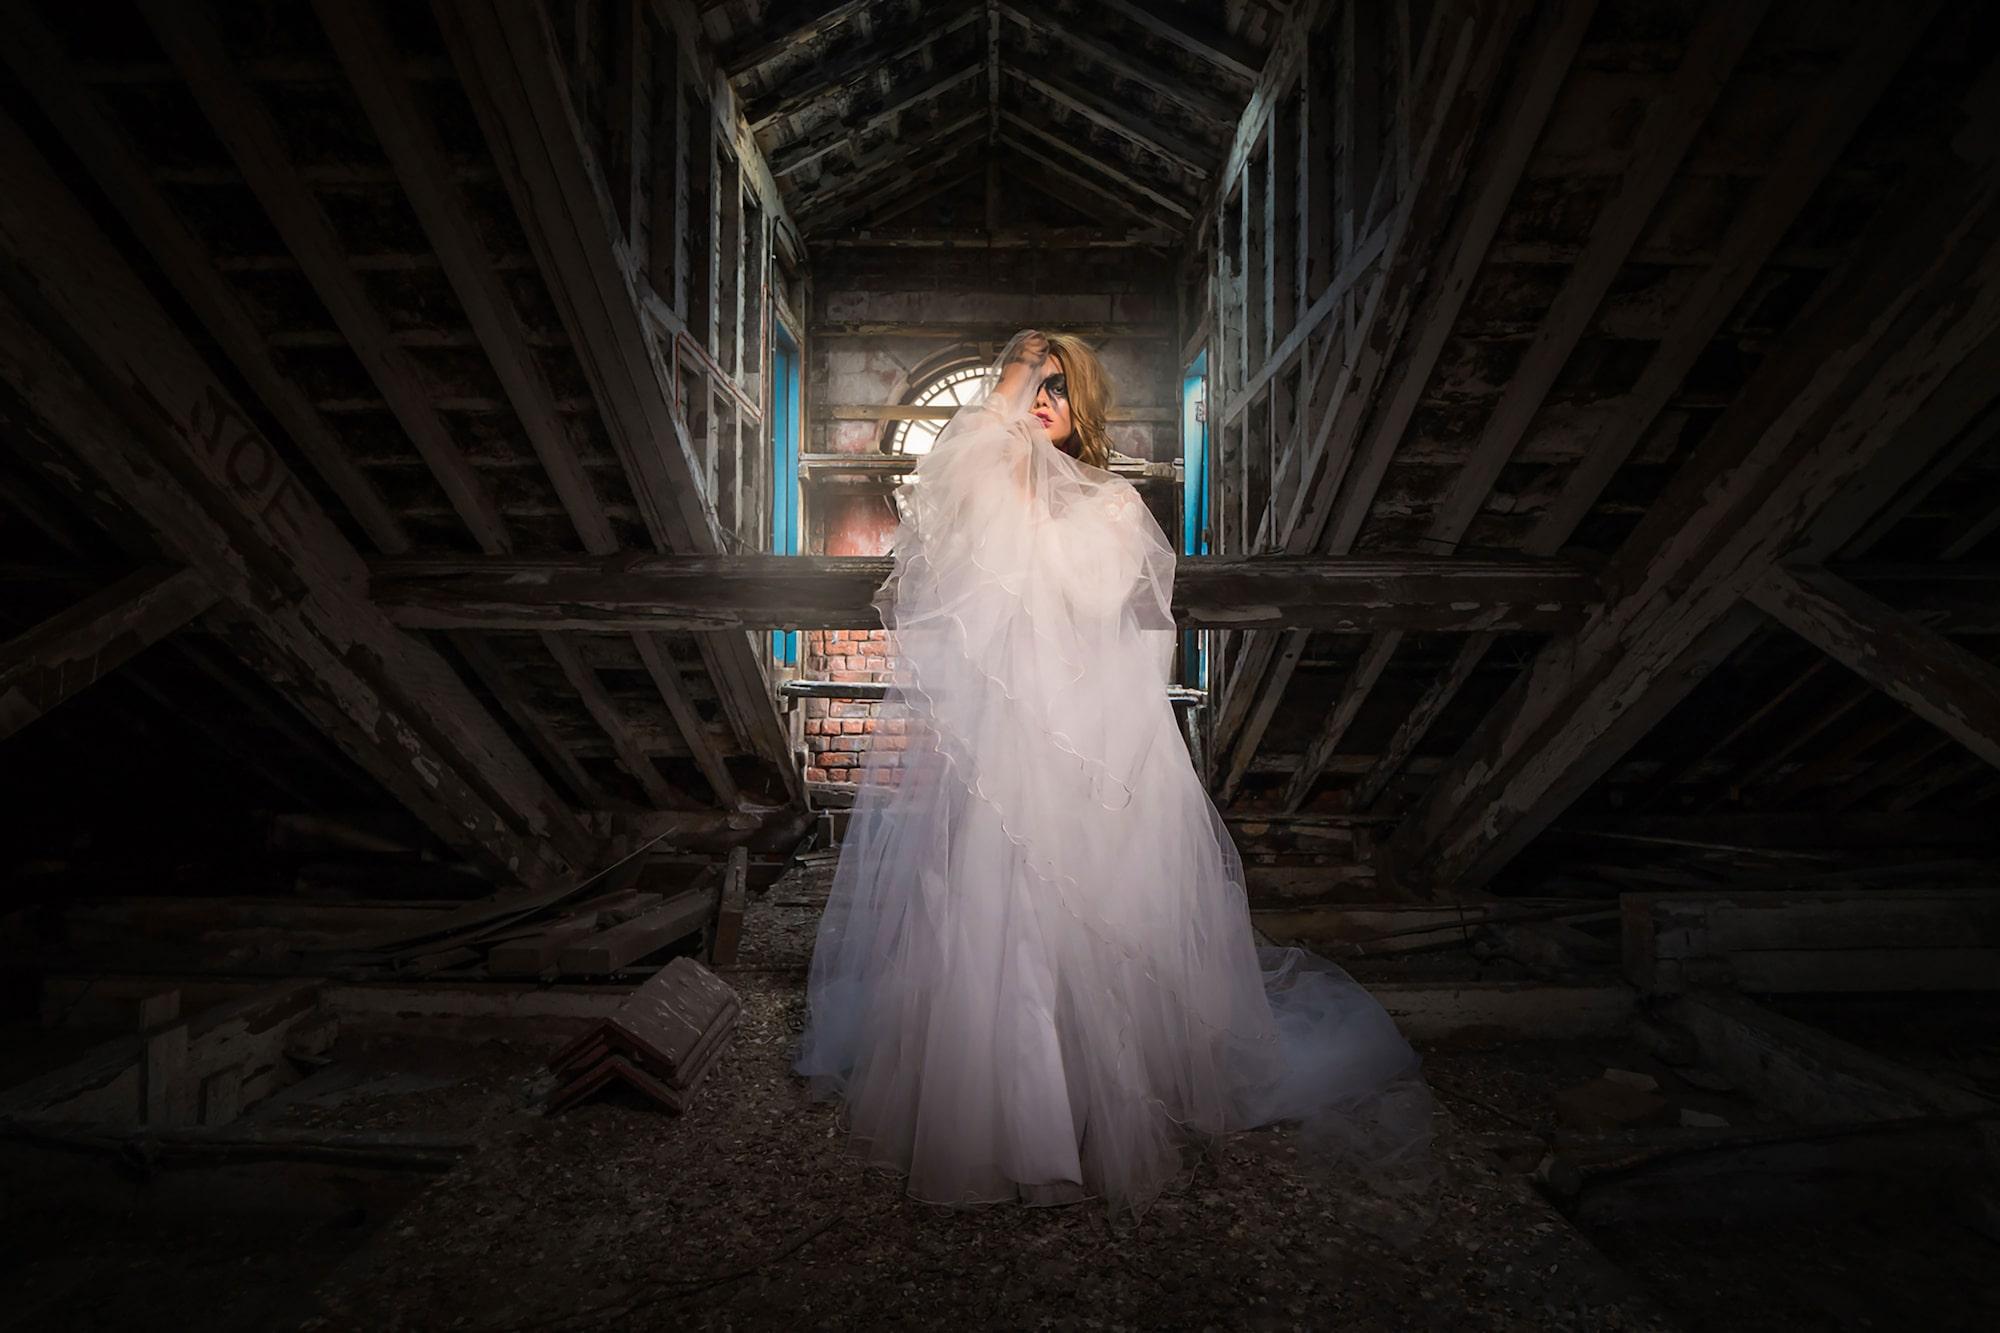 terry donnelly sony alpha 9 széles látószögű portré egy pajtában álló menyasszonyi ruhát viselő hölgyről